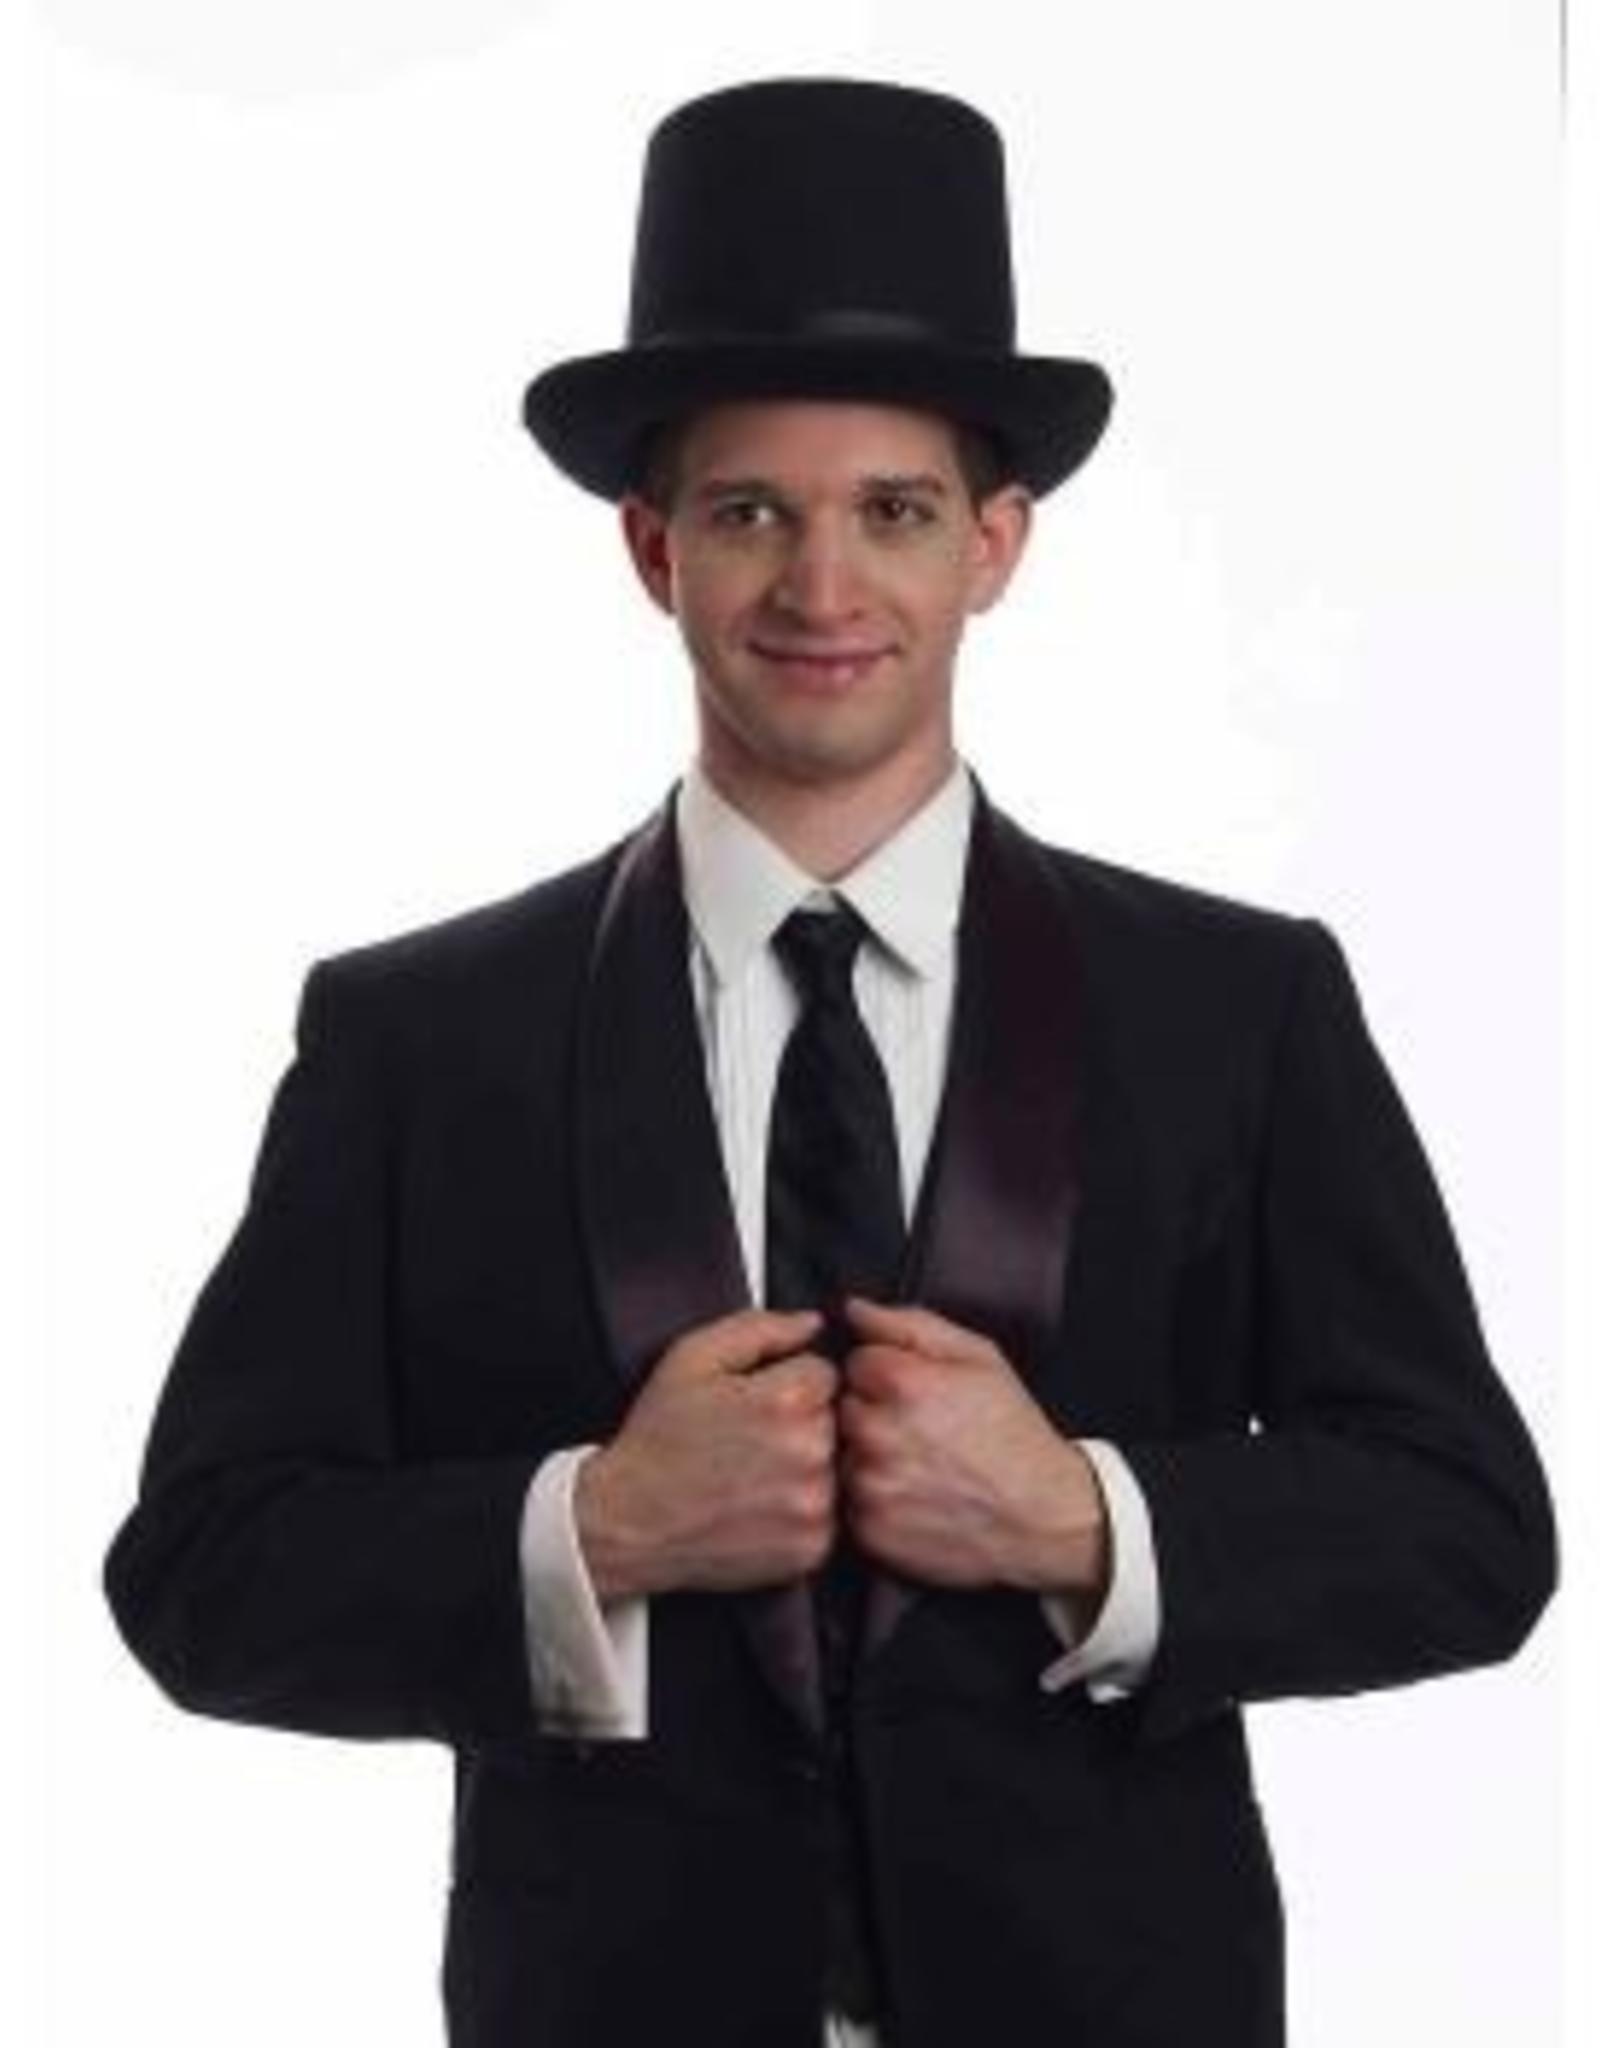 HAT-TOP HAT-PRESIDENT'S SUPER DELUXE, BLACK